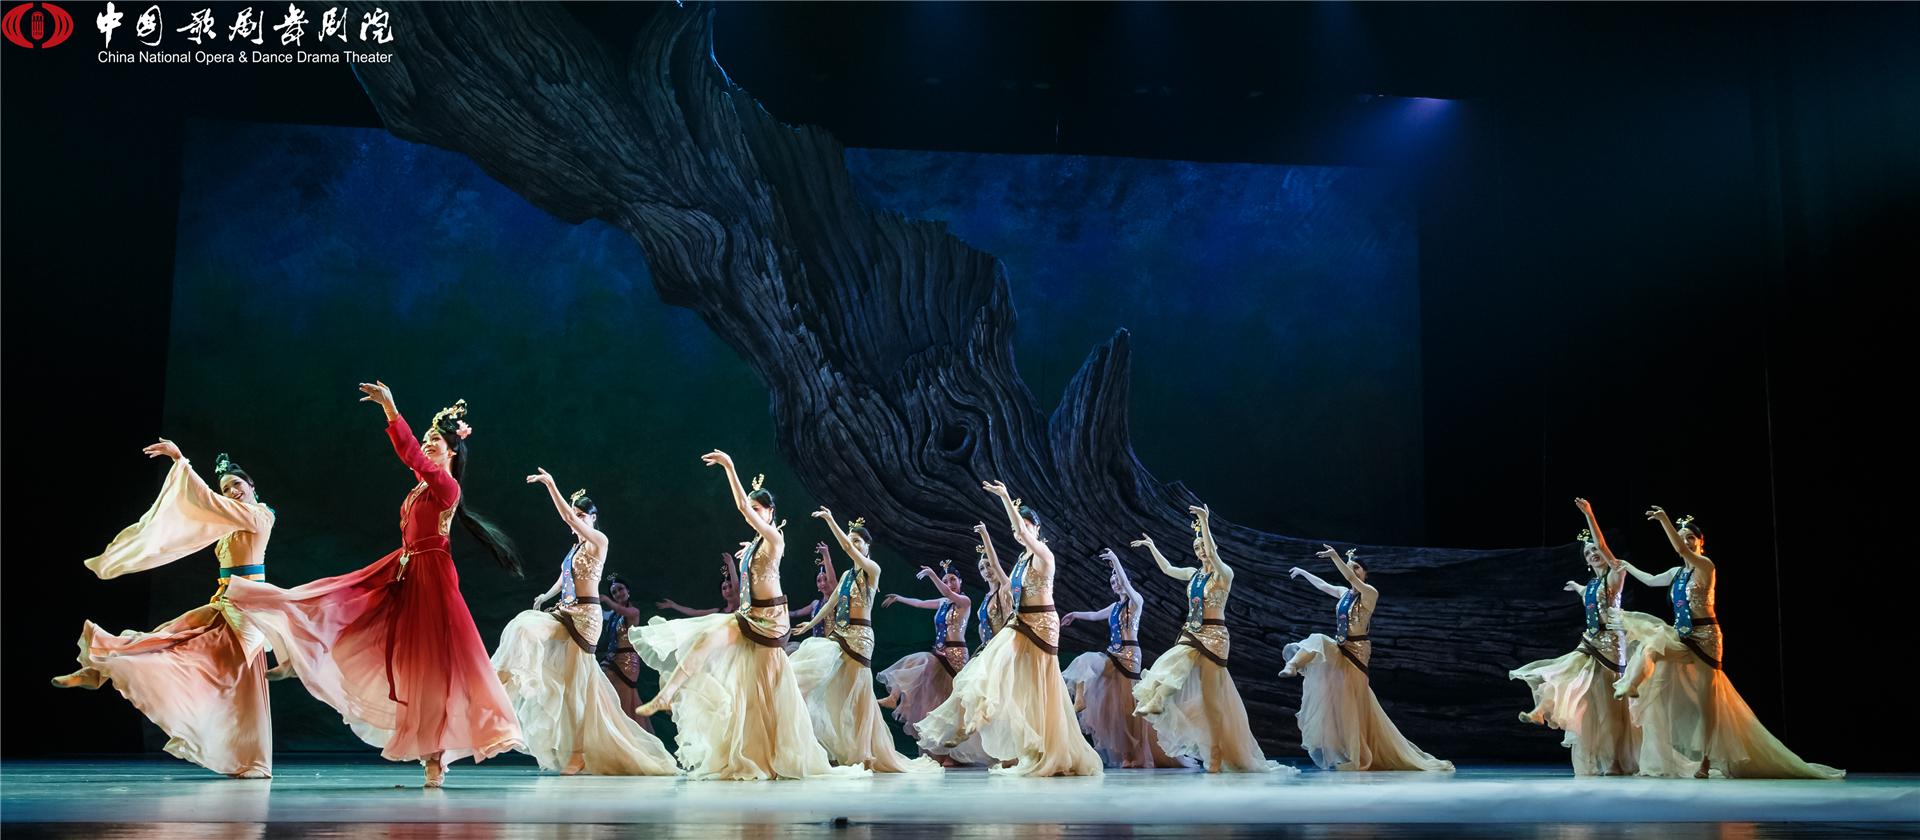 Princess Zhaojun. China National Opera & Dance Drama Theater. (20)